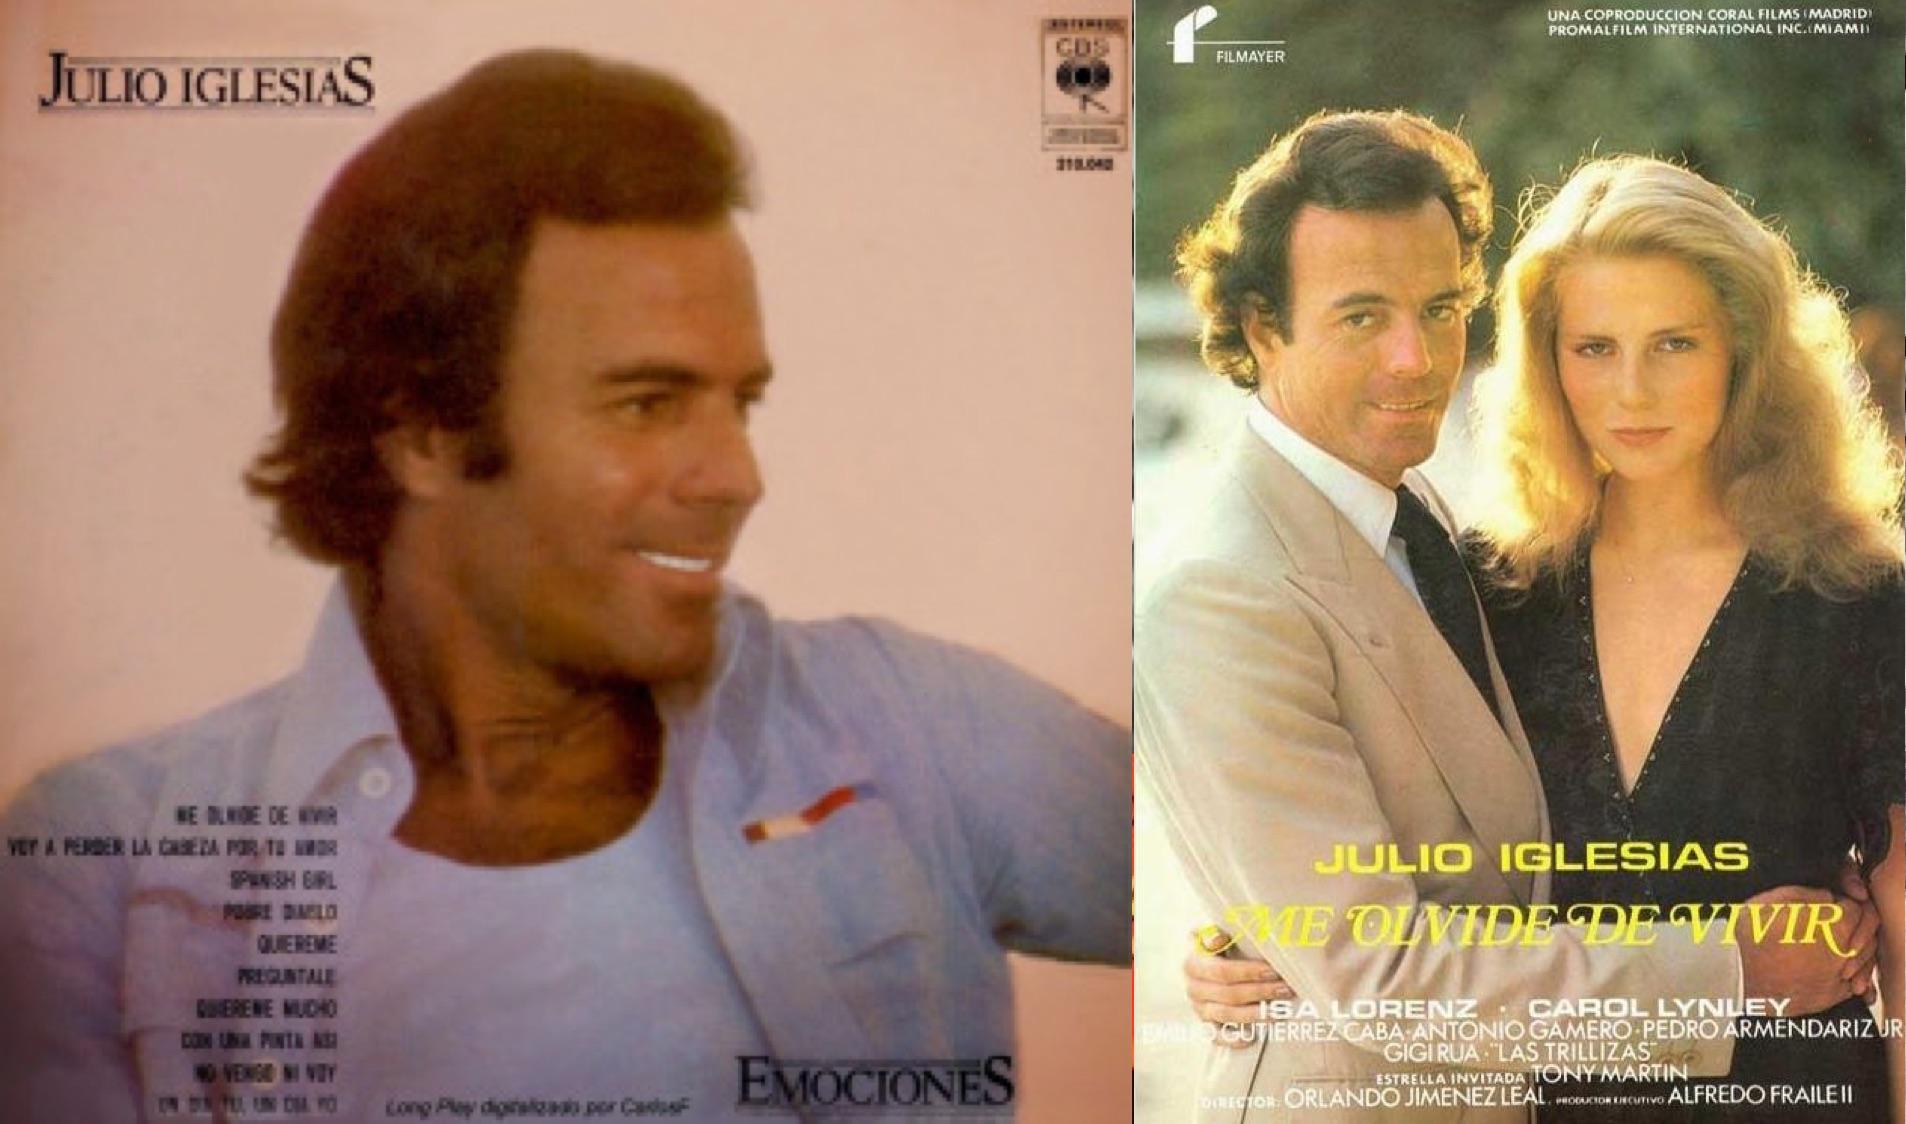 """Izq.: """"Emociones"""", álbum de 1978. Der.: Afiche de la película """"Me olvidé de vivir"""" de 1980."""